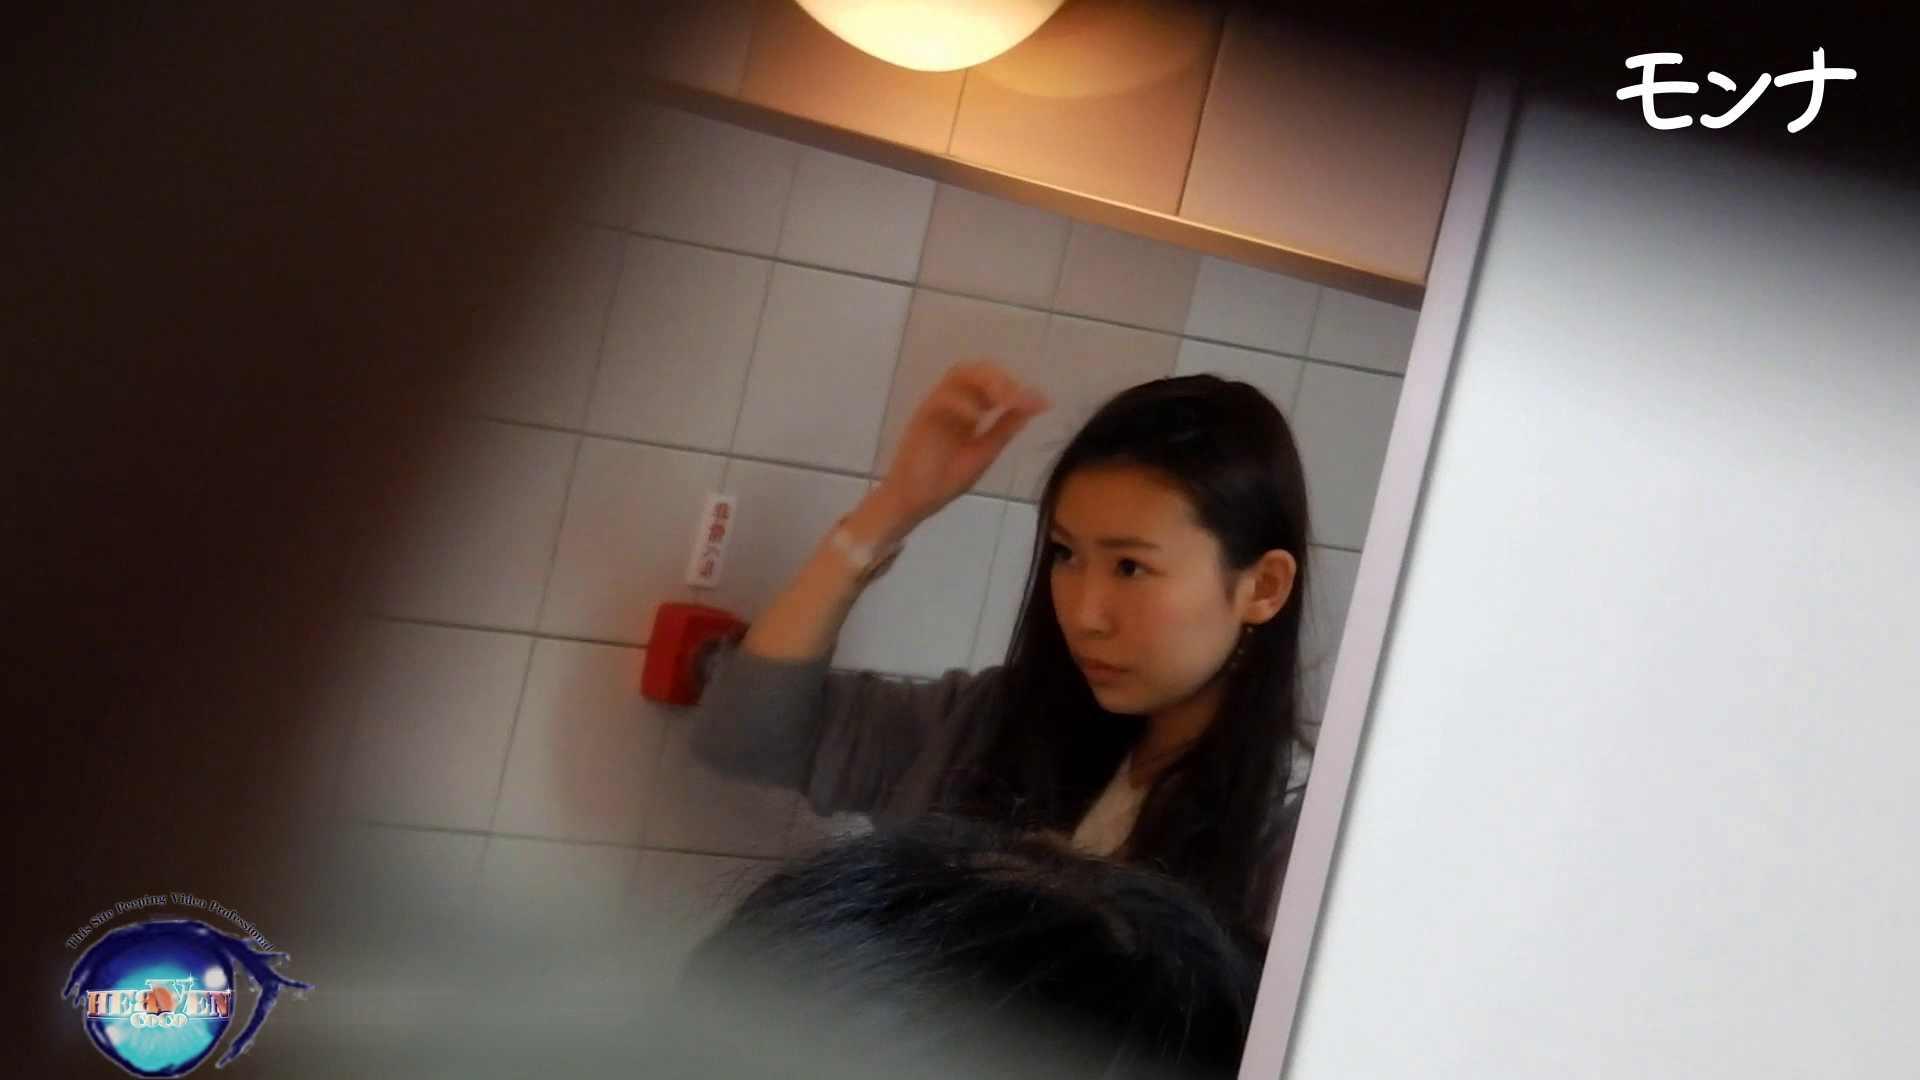 美しい日本の未来 No.90若さの特権、肛門三センチほど伸びれる!前編 アナル  97PIX 44